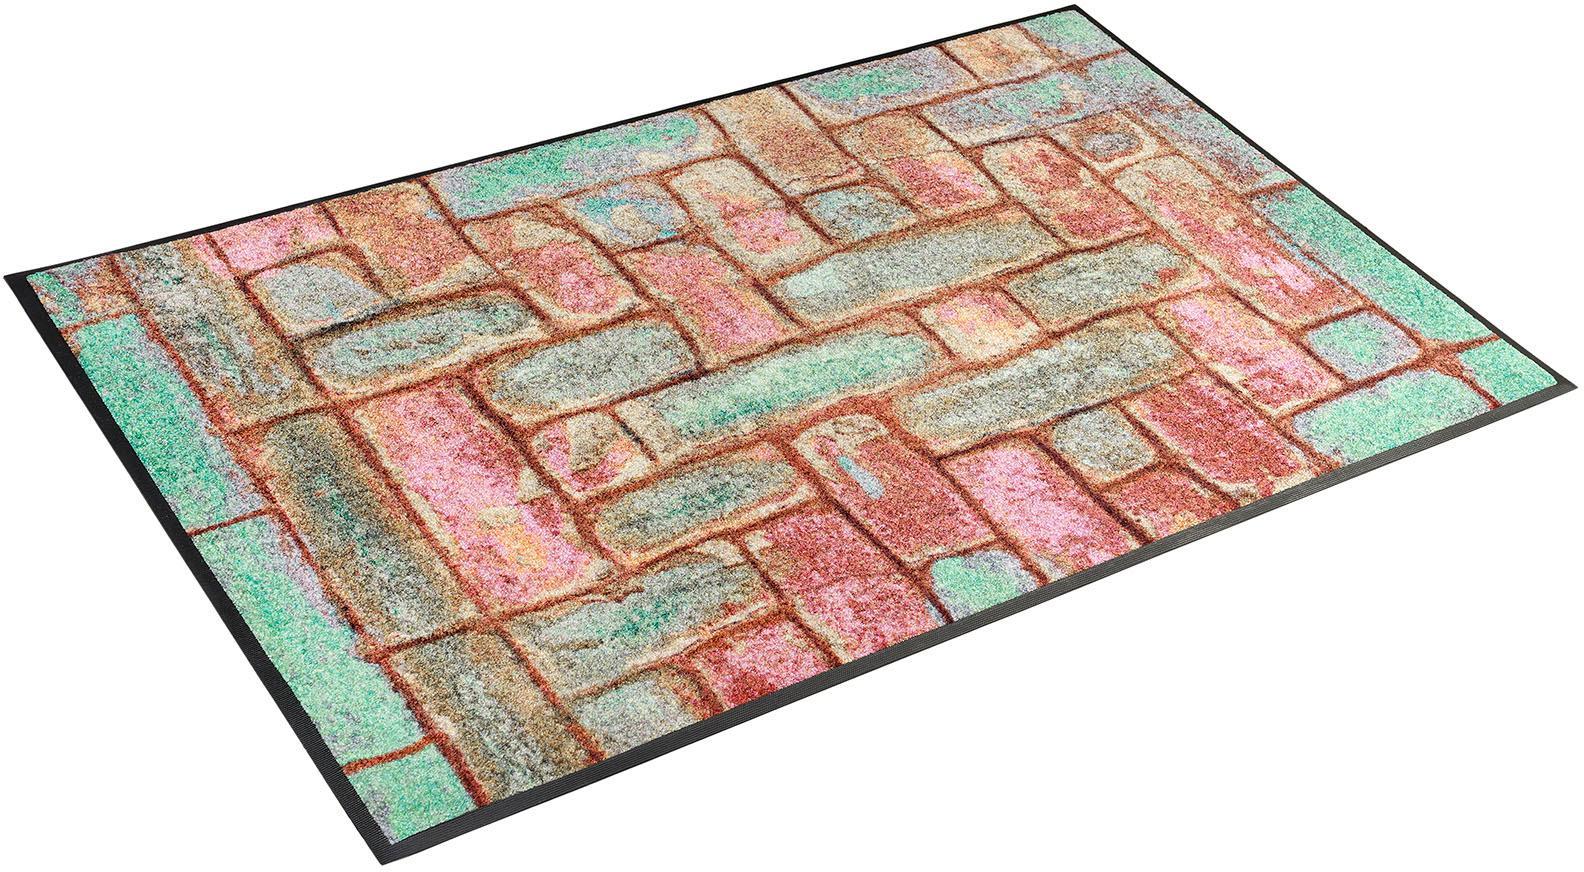 Teppich Pretty Bricks wash+dry by Kleen-Tex rechteckig Höhe 7 mm gedruckt